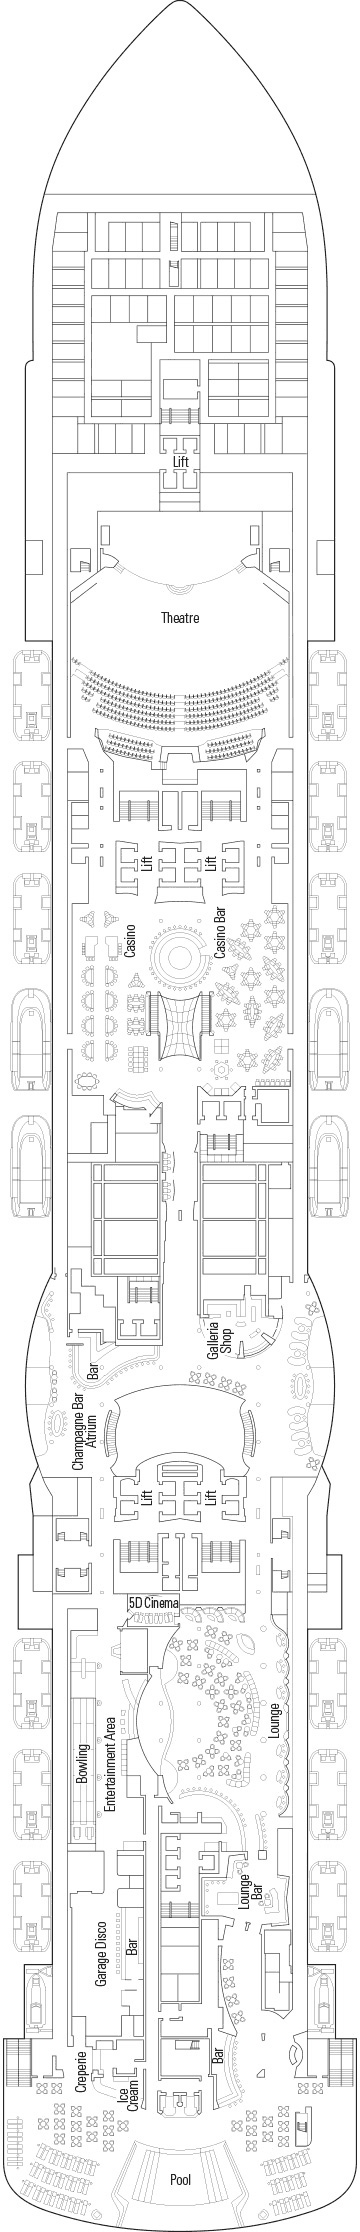 MSC Seaside - Deck 7